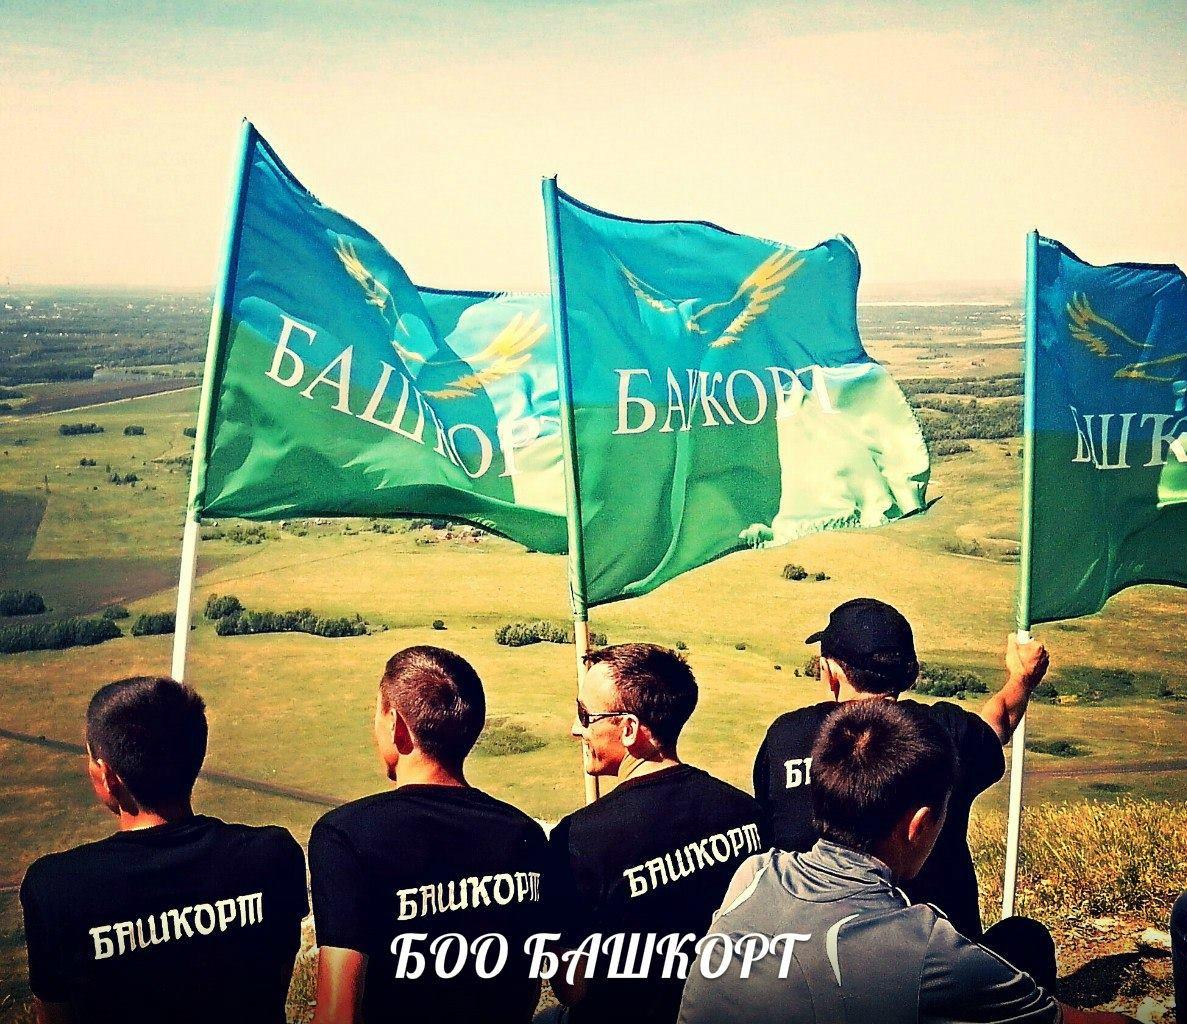 Перед началом собрания вУфе прошли задержания активистов БОО «БАШКОРТ»